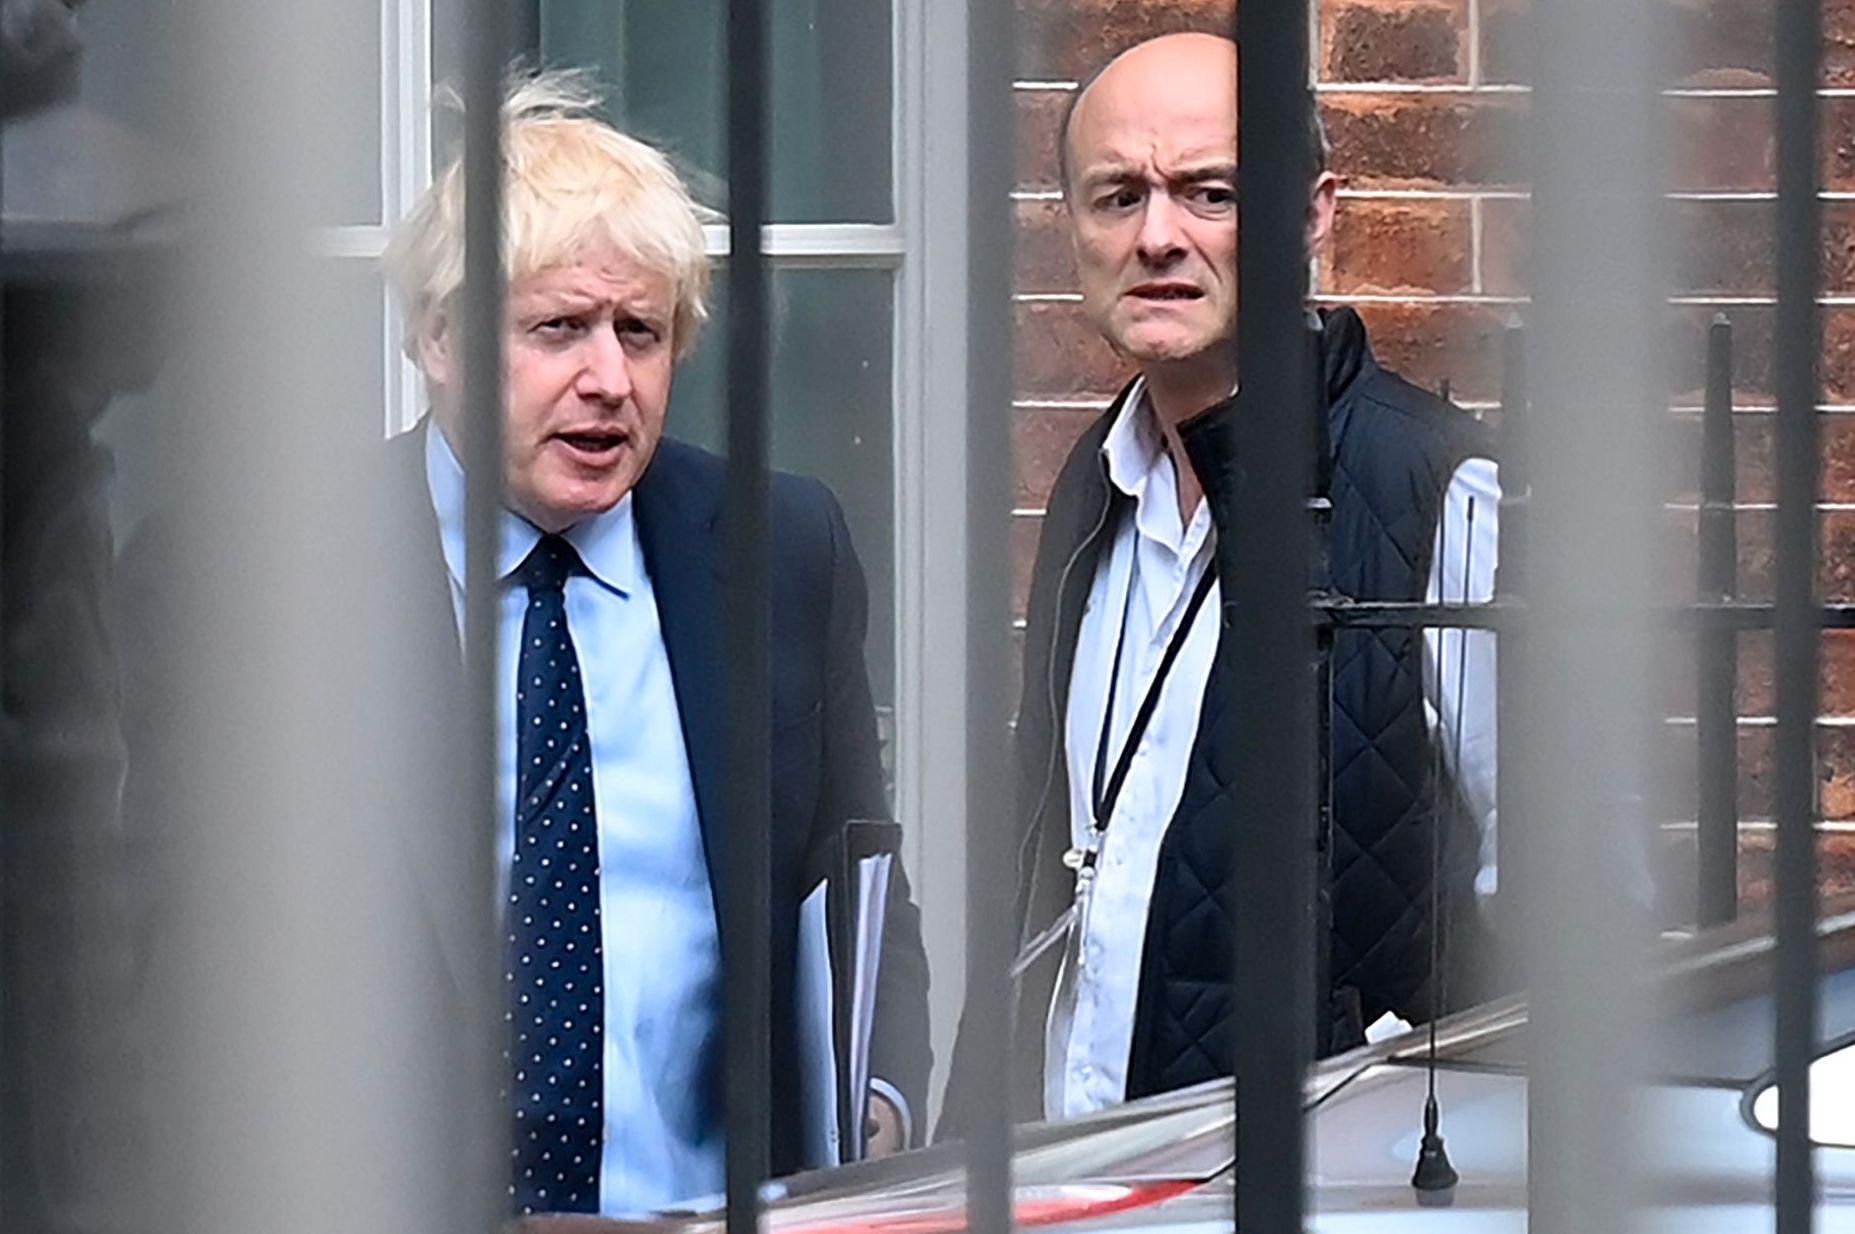 JOBBER TETT: Statsminister Boris Johnson og spesialrådgiver Dominic Cummings i det de forlater statsministerboligen i Downing Street 10 i London tidligere denne uken.